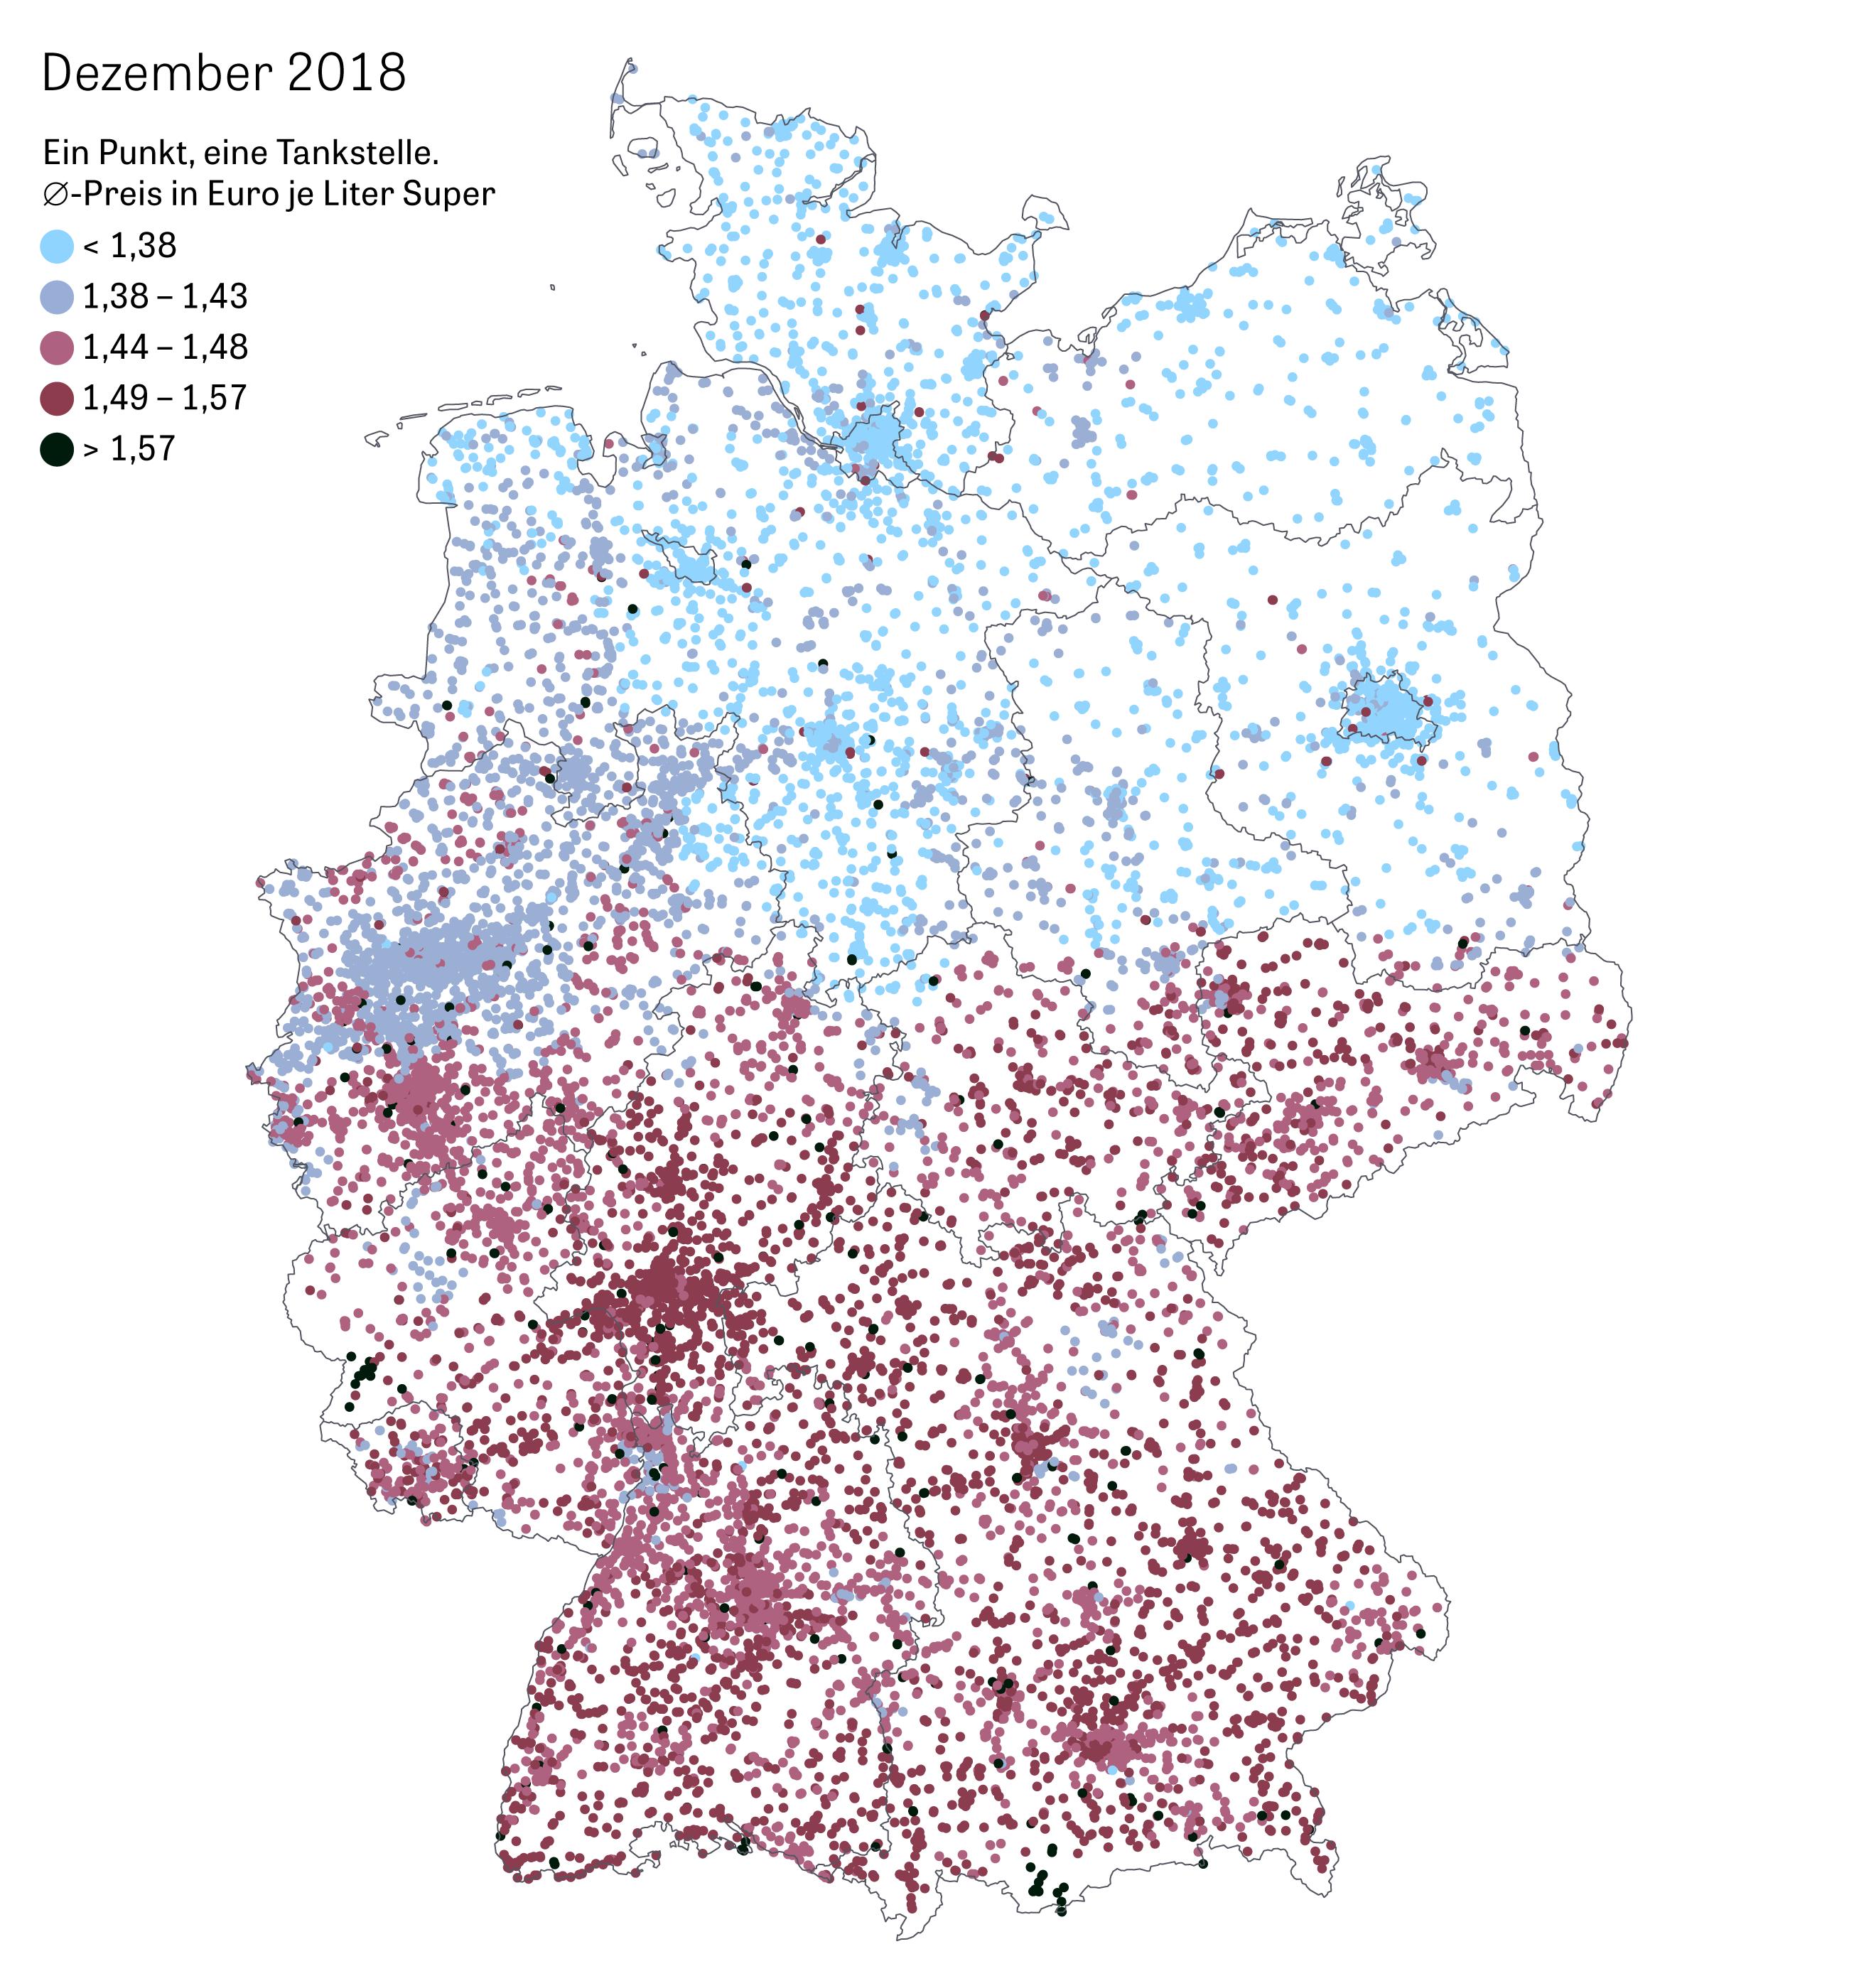 Benzinpreise: Tankstellen ändern ständig ihre Preise. Das ist normal. Es gibt aber Auffälligkeiten: Im Norden kostet Benzin weniger als etwa in Bayern oder Hessen. Warum ist das so?